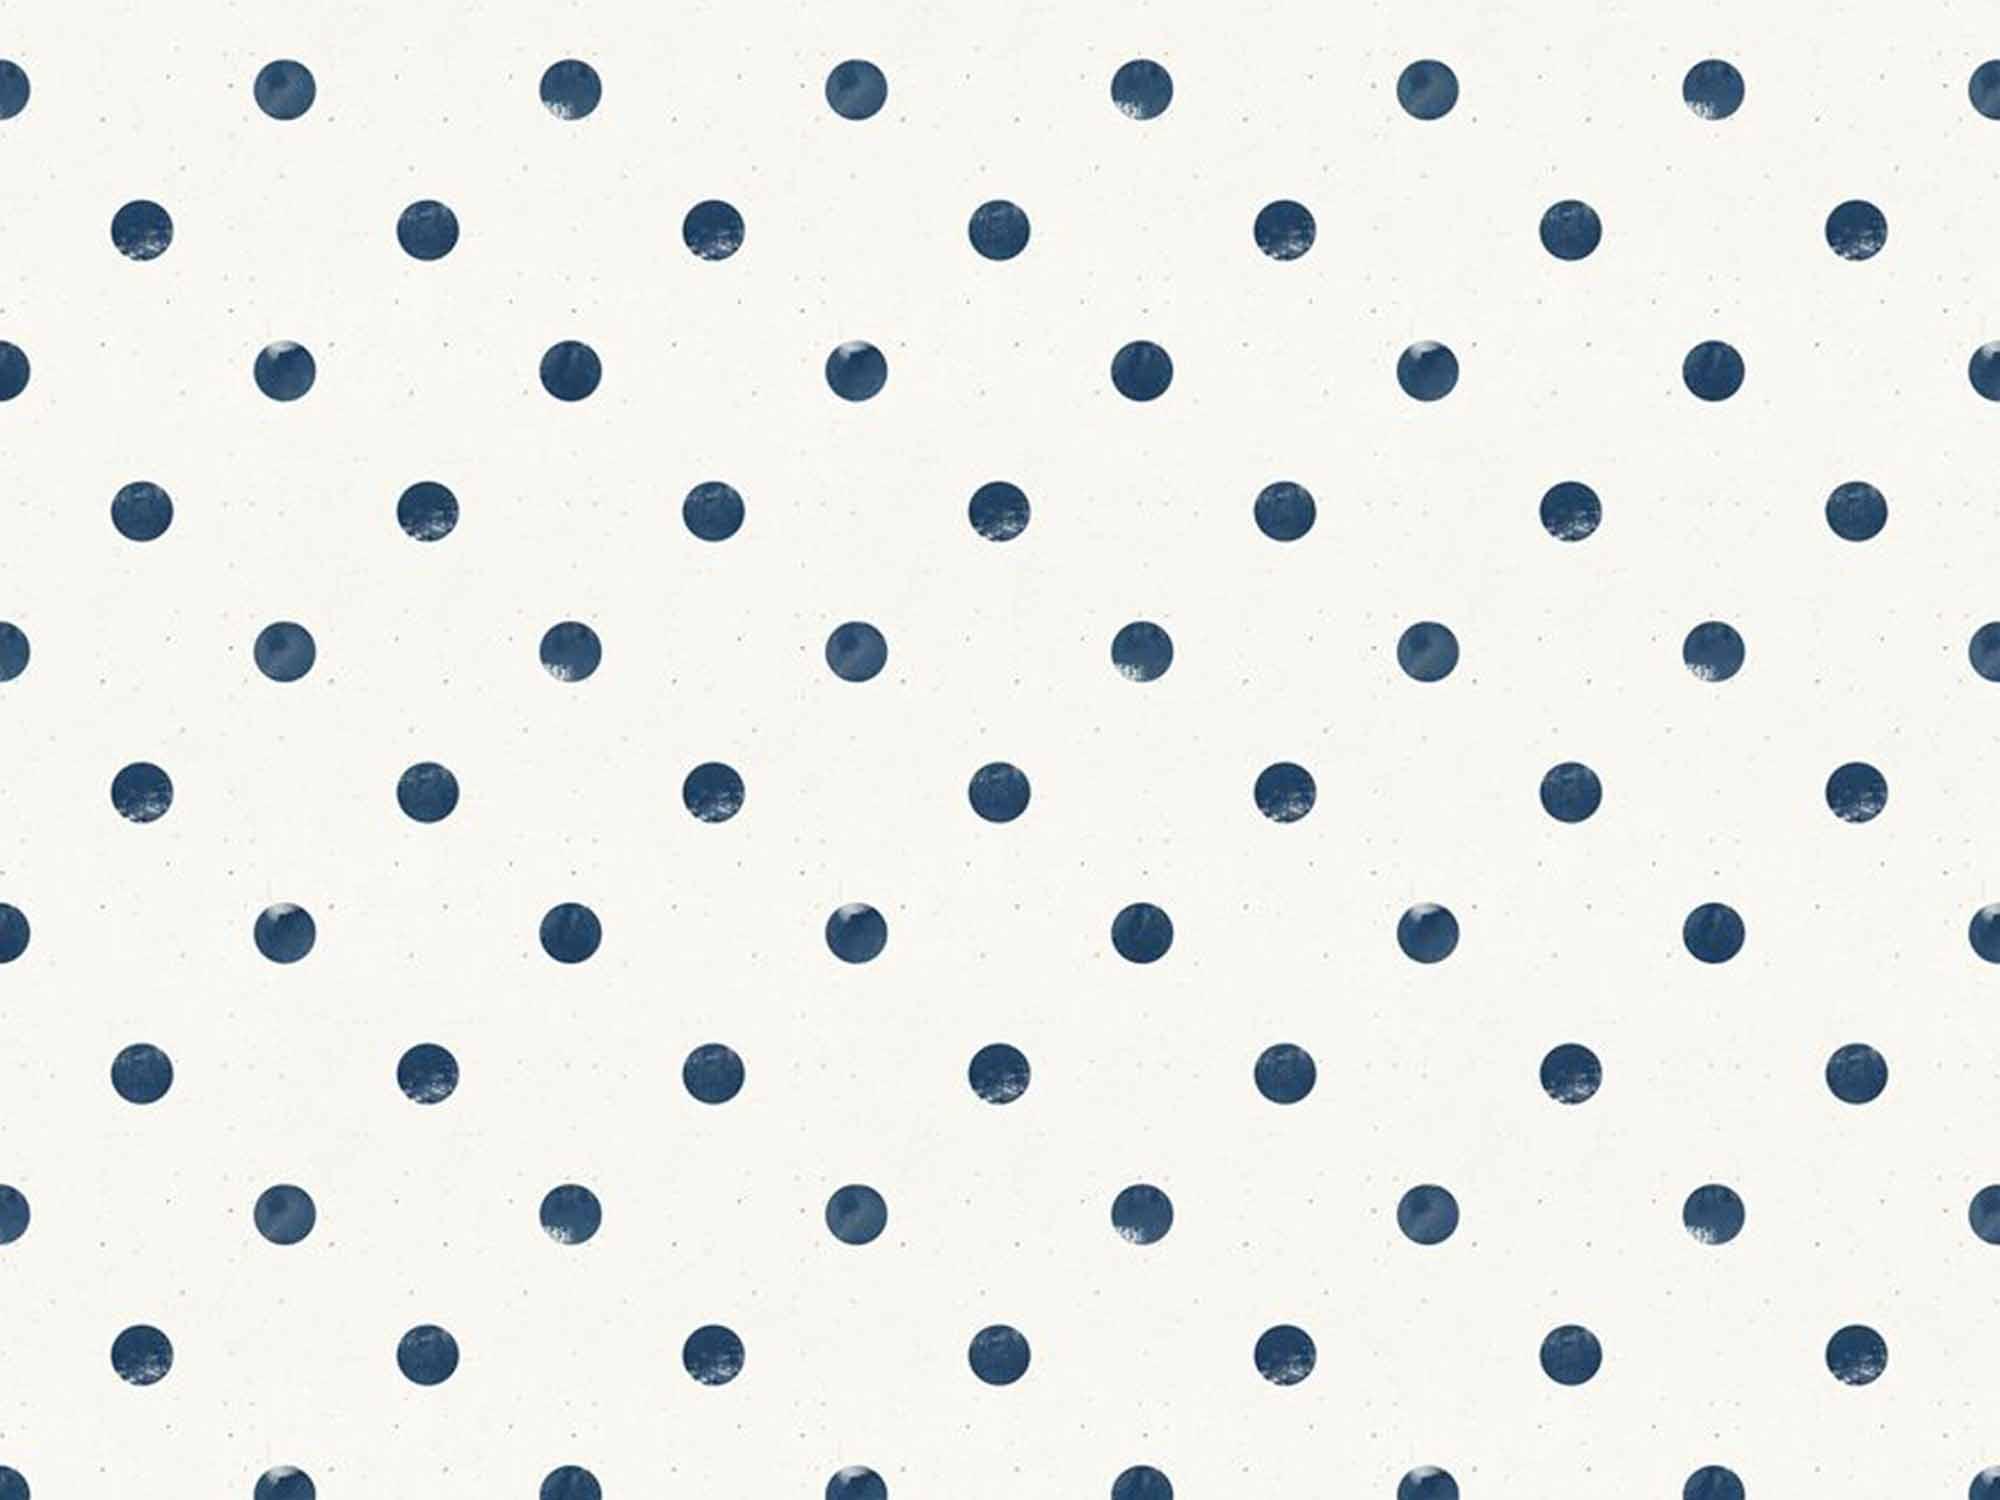 Papel de Parede Bolinhas 0022 - Adesivos de Parede  - Paredes Decoradas